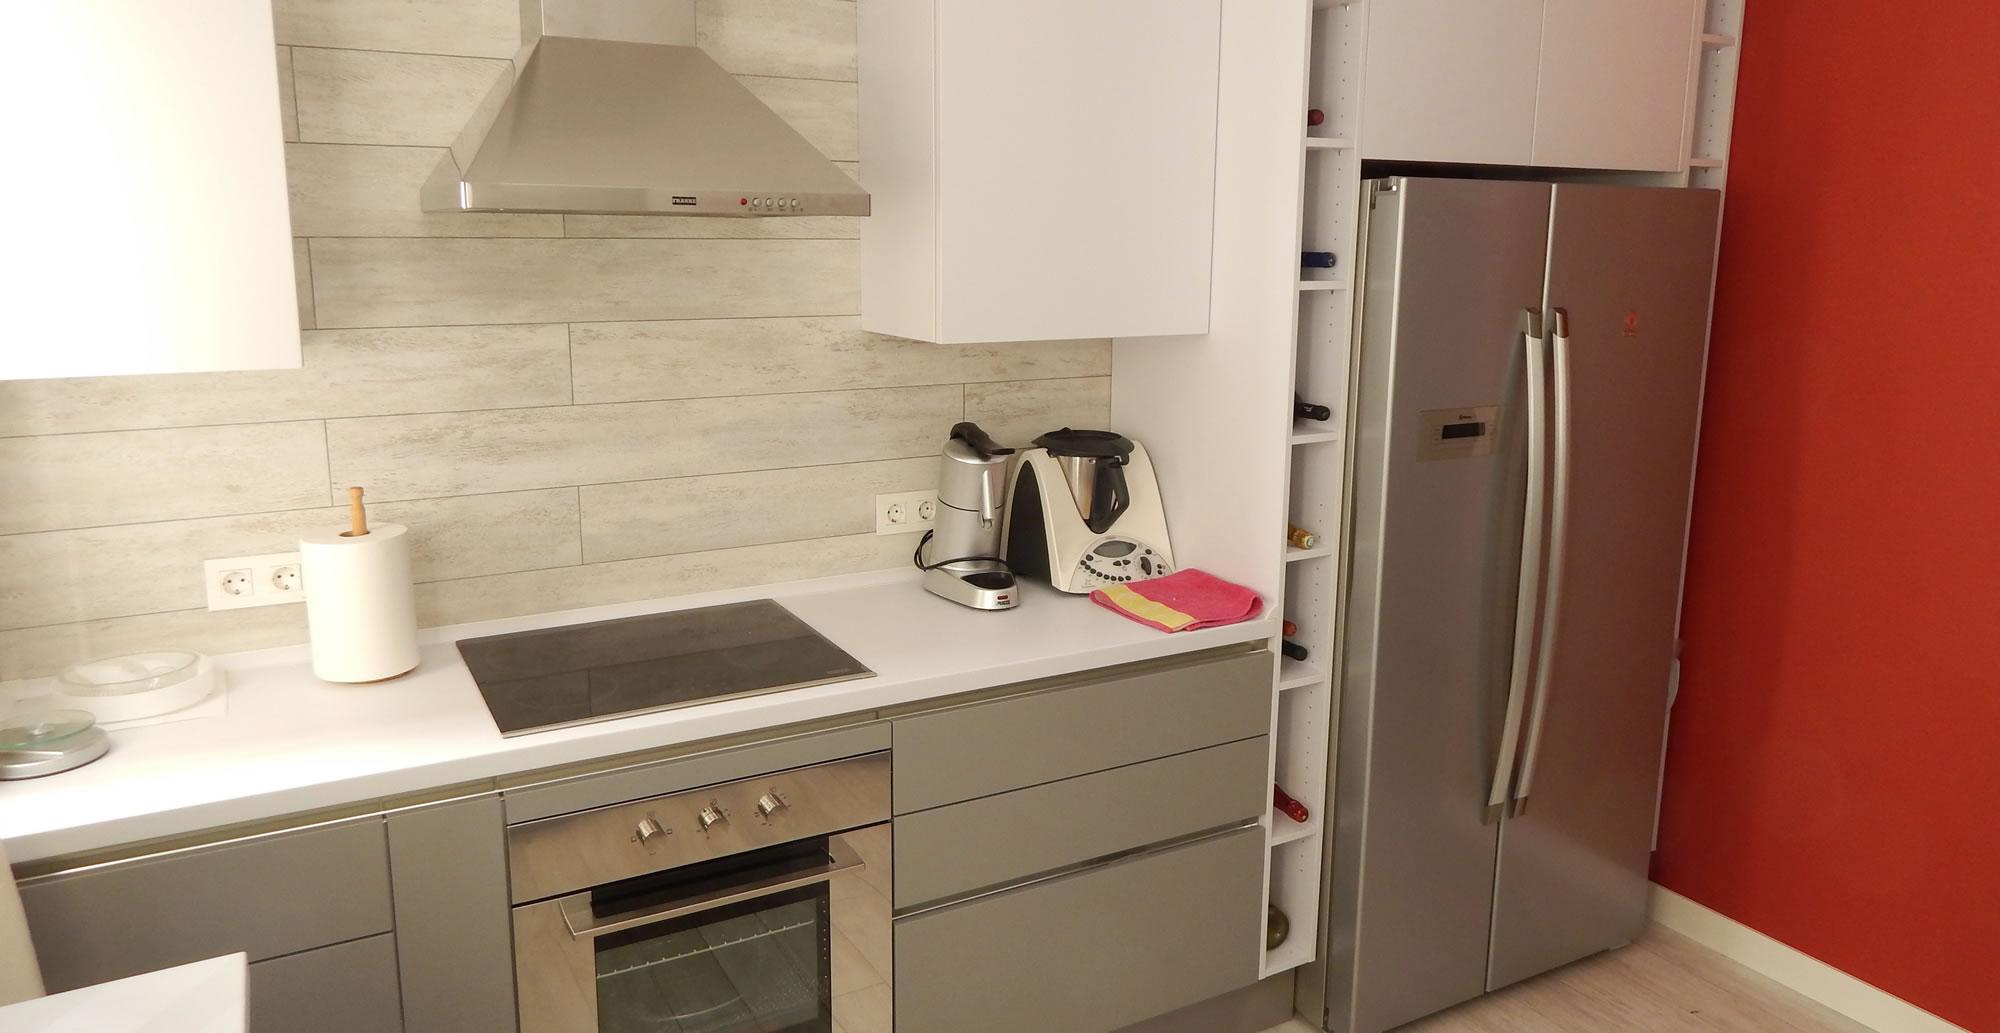 Muebles de cocina en gris perla for Cocinas blancas y grises fotos